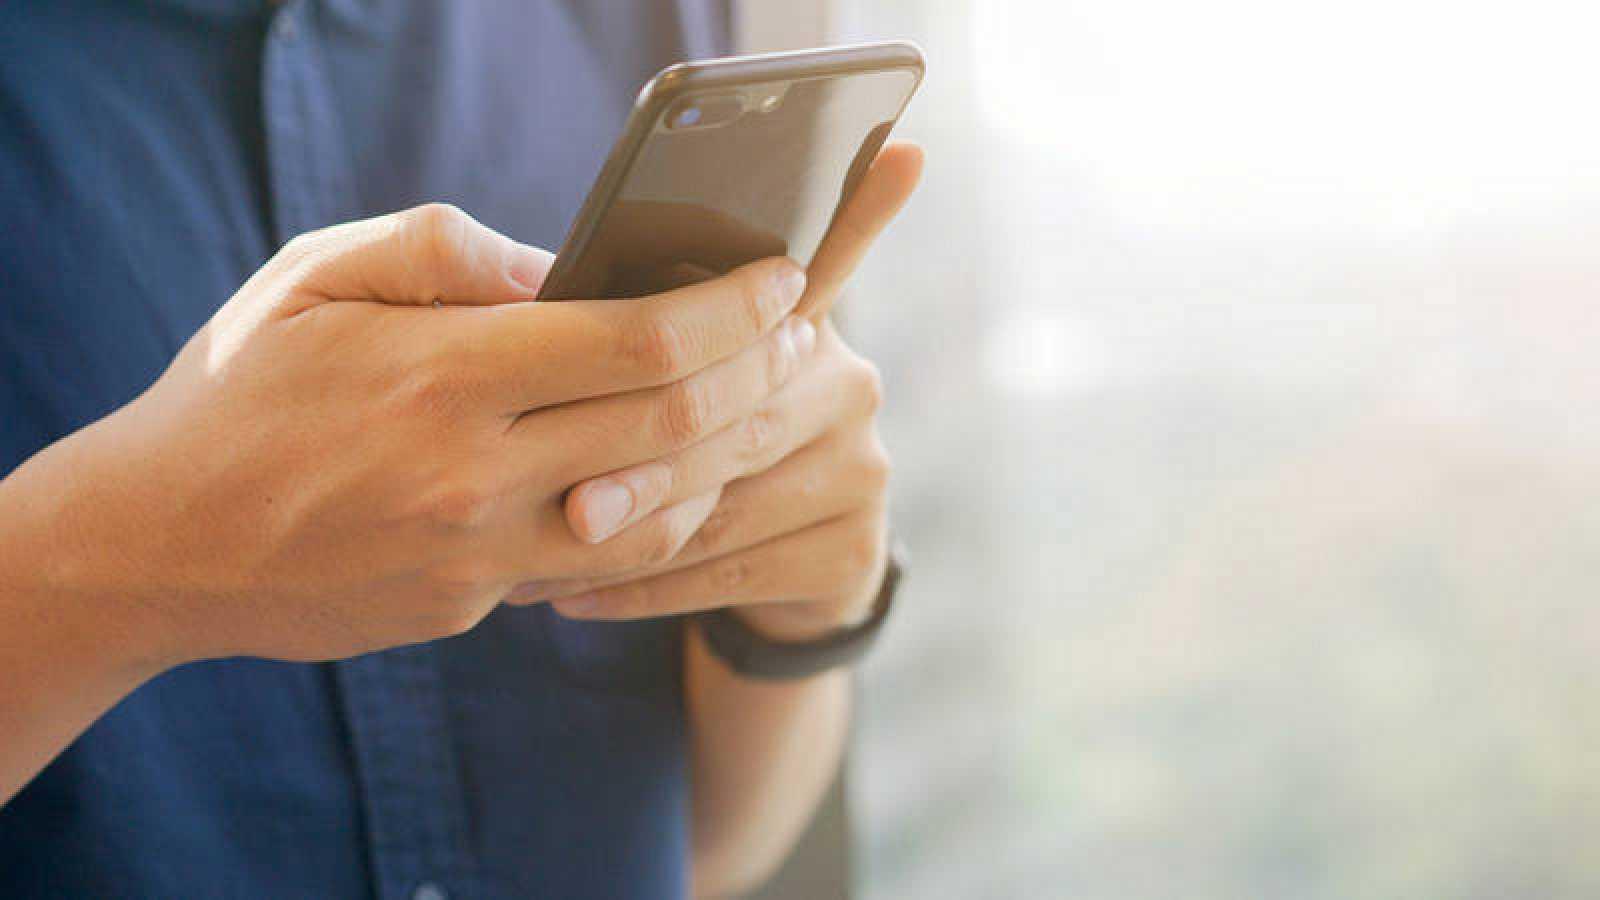 La mayoría de CCAA ha abierto teléfonos específicos para consultas sobre el coronavirus